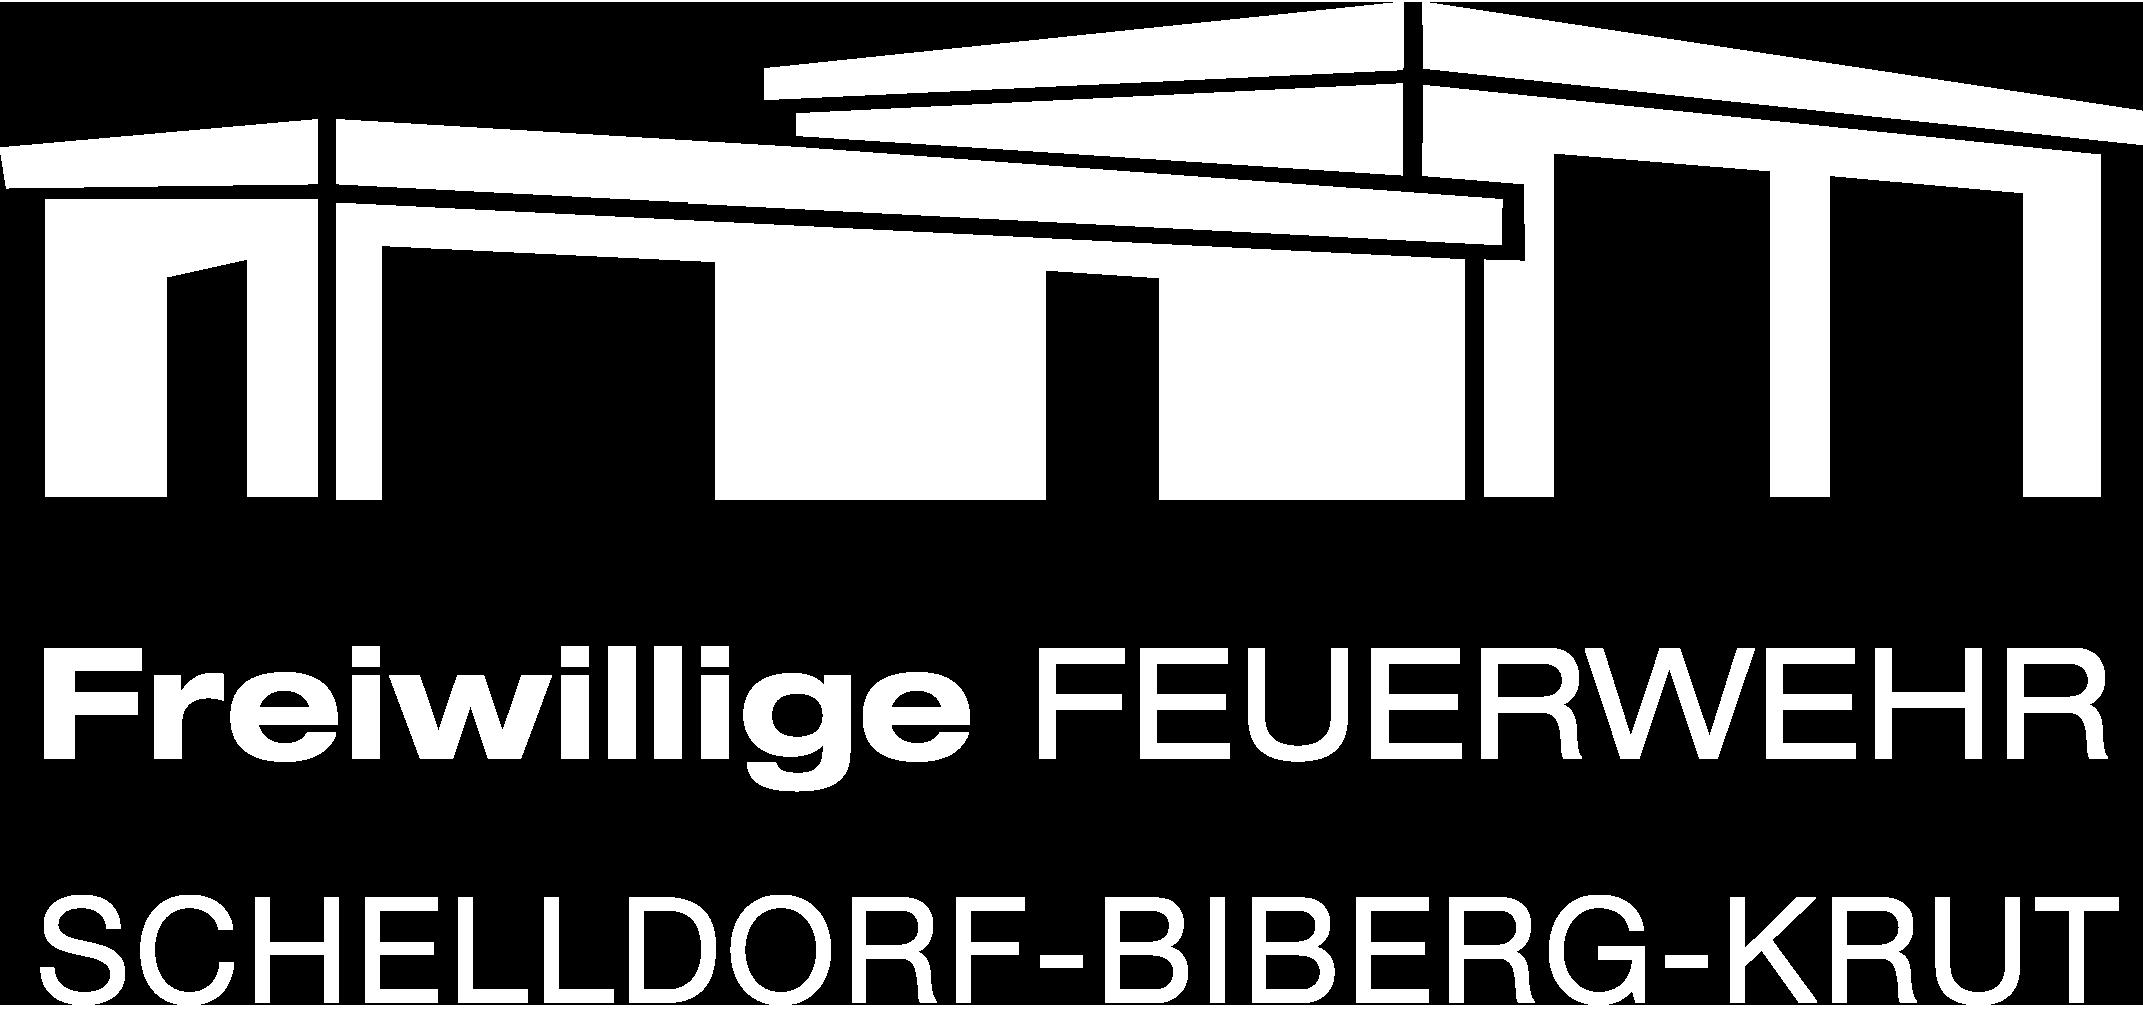 Feuerwehr Schelldorf Biberg Krut